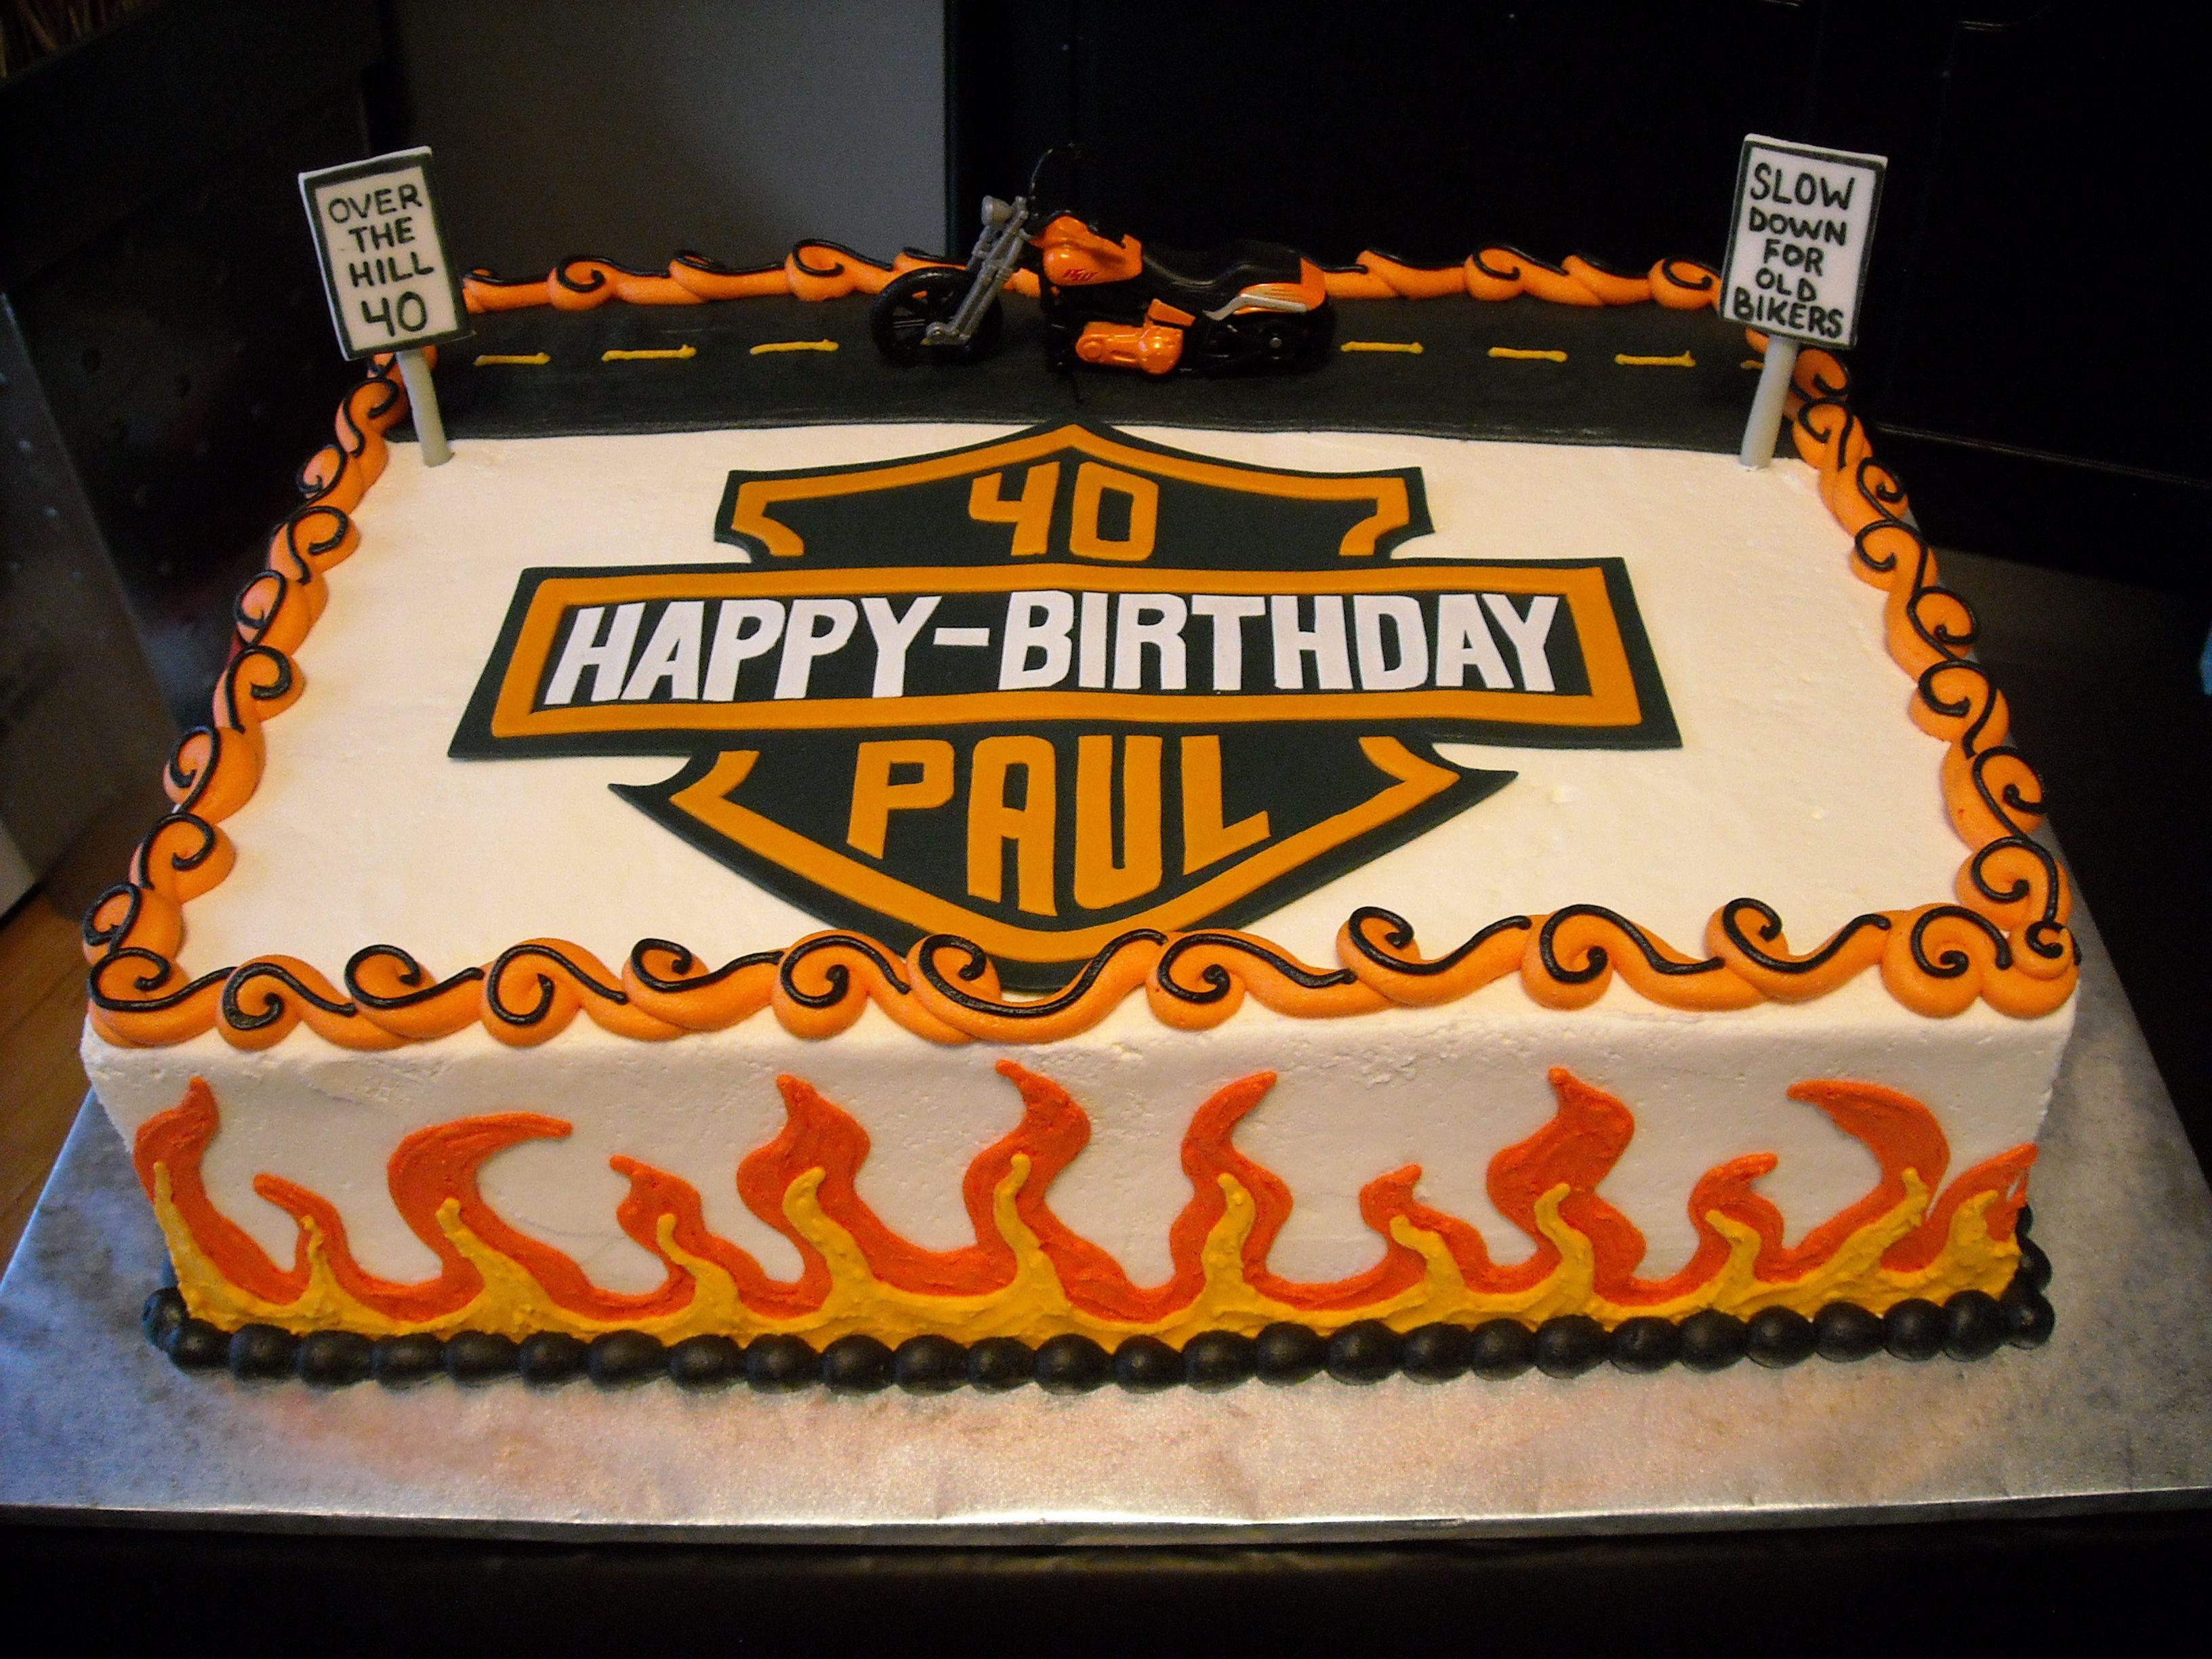 Harley Davidson Cake Motorbike Birthday Cake Deploy the